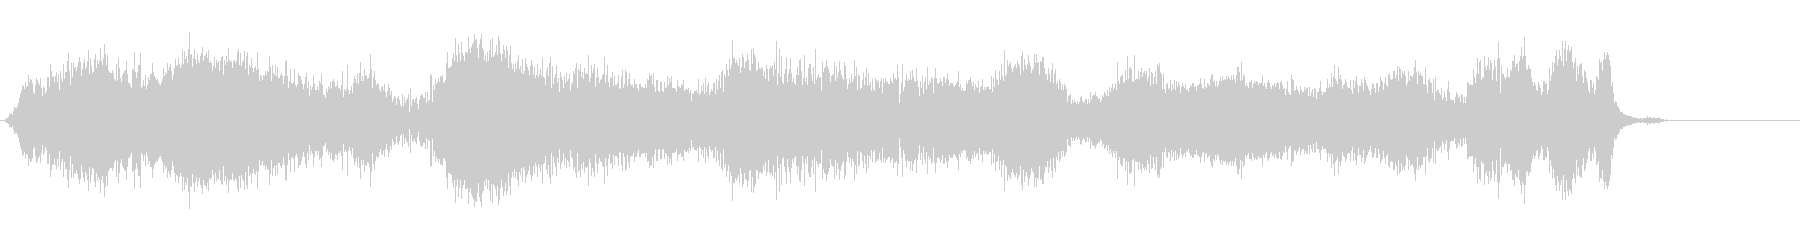 ジェットウォッシュの未再生の波形